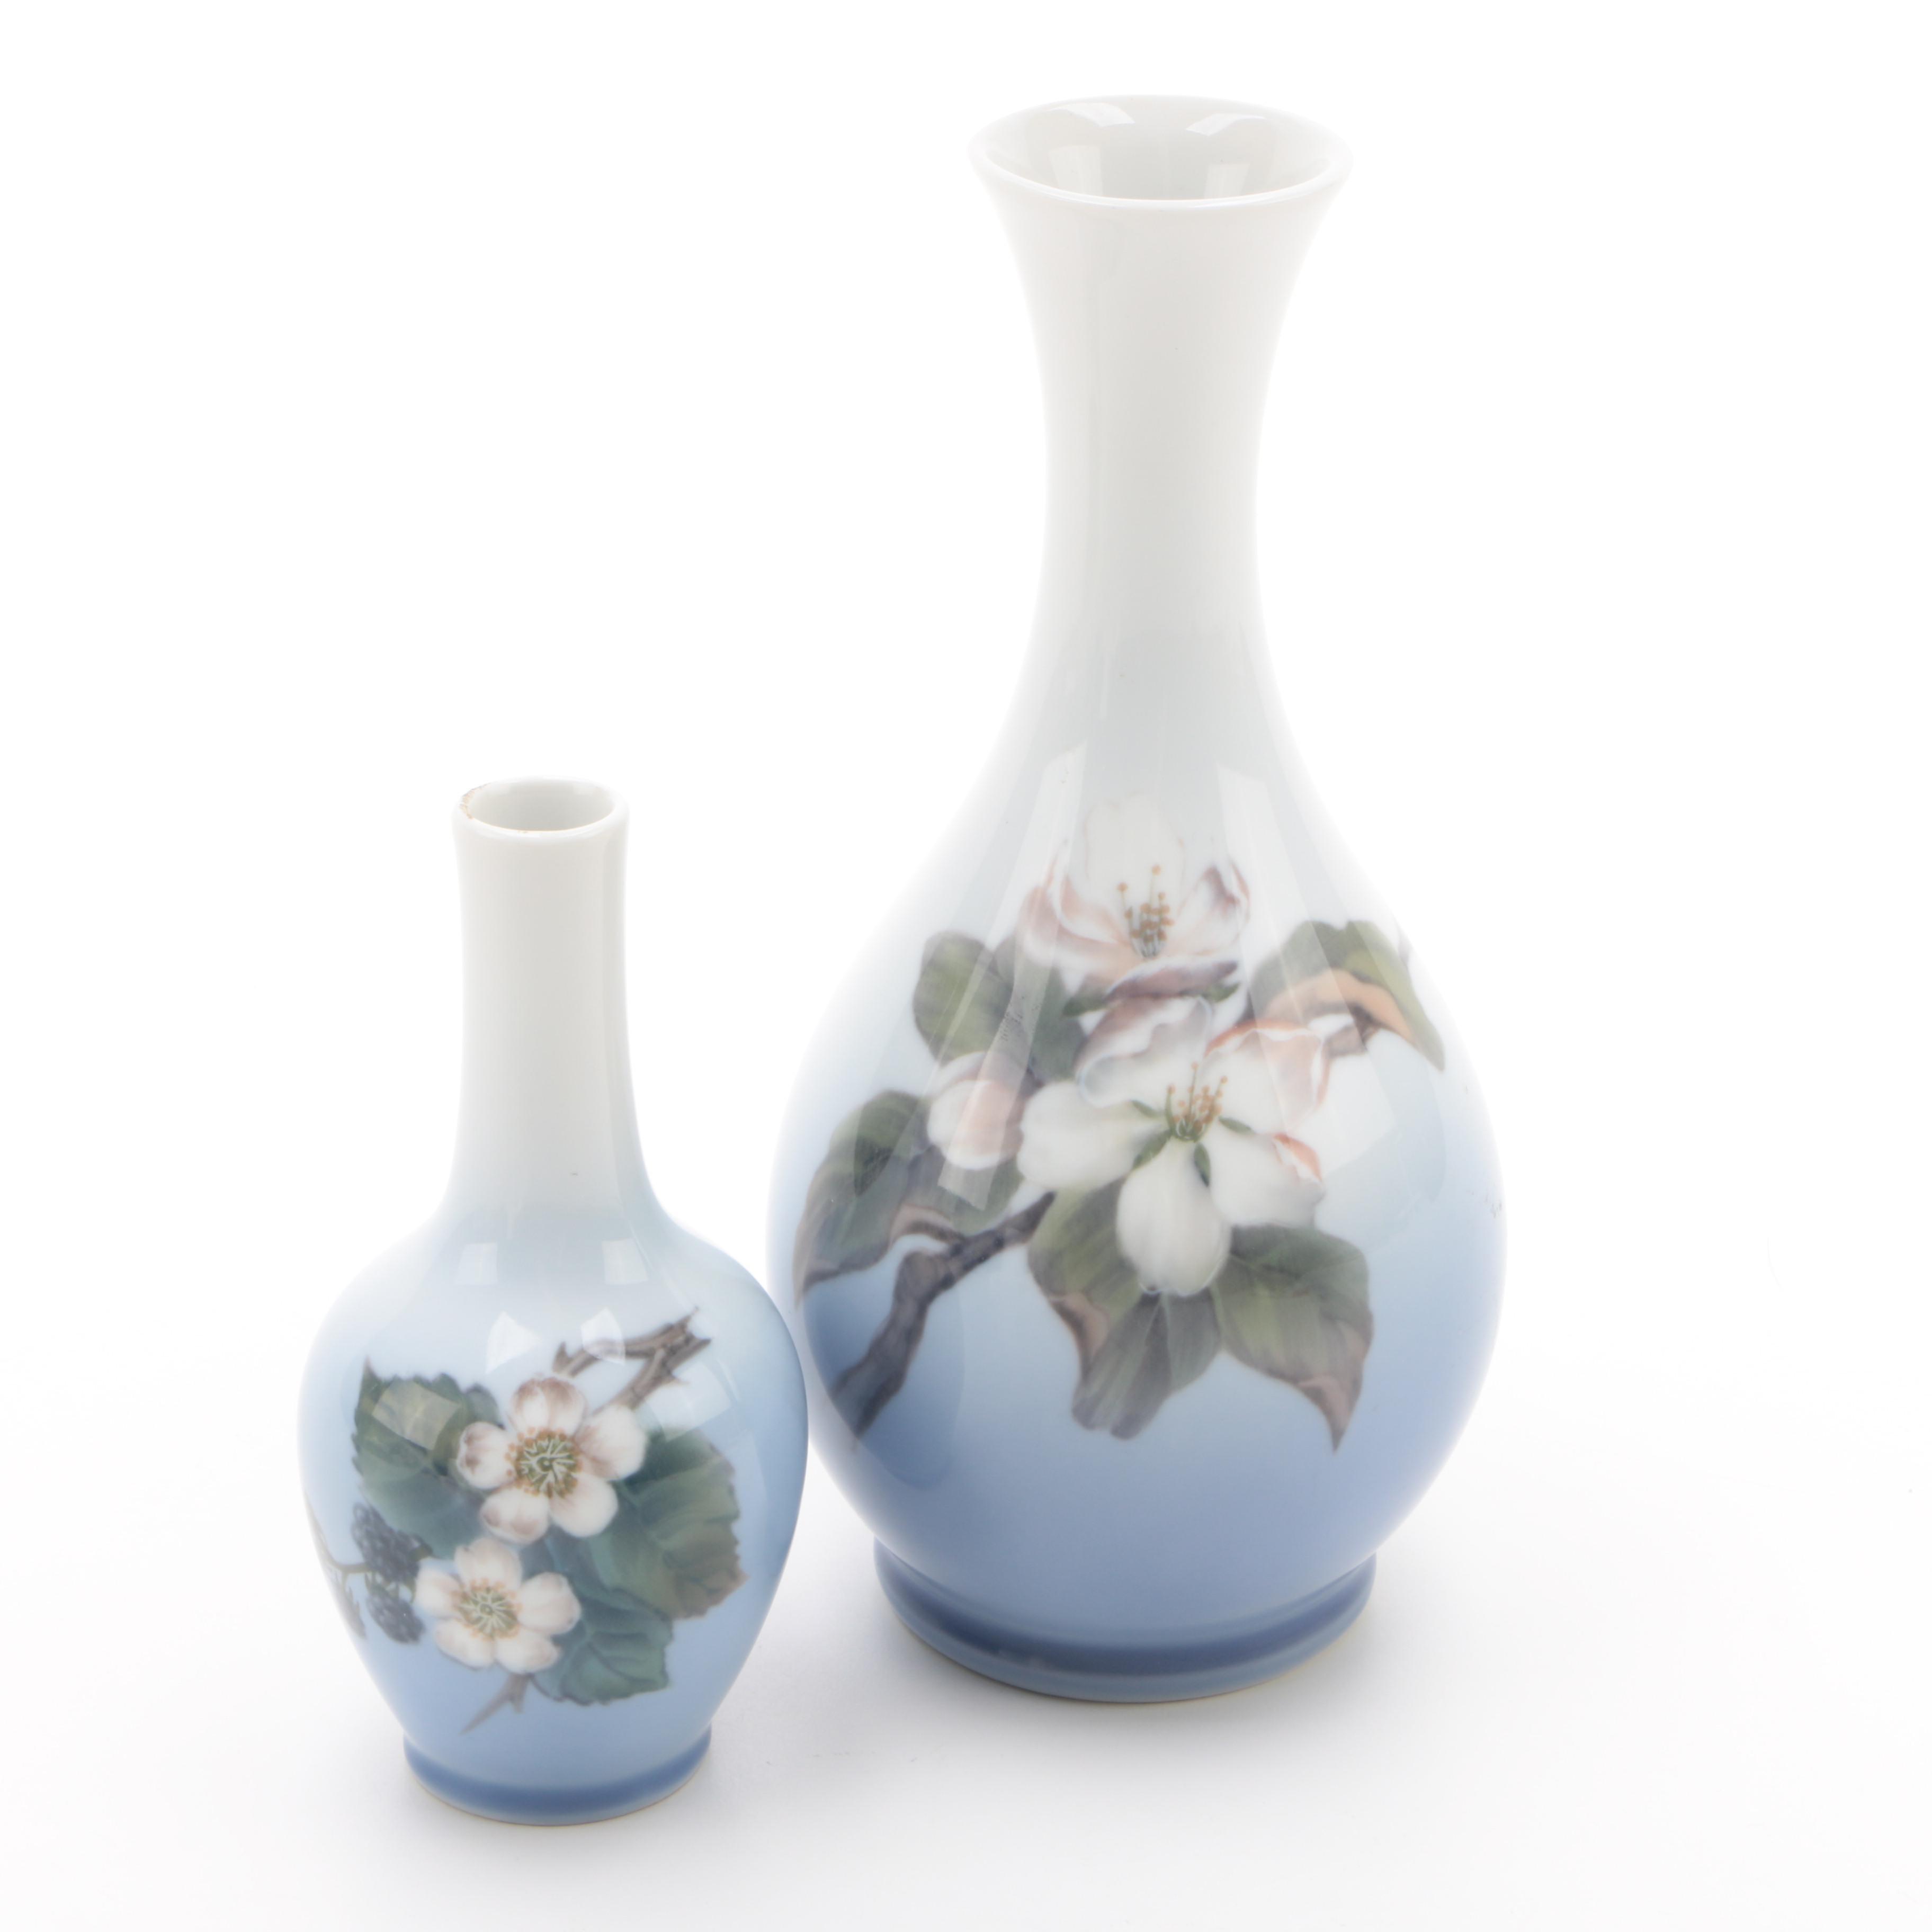 Royal Copenhagen Ceramic Vases Featuring Floral Motif